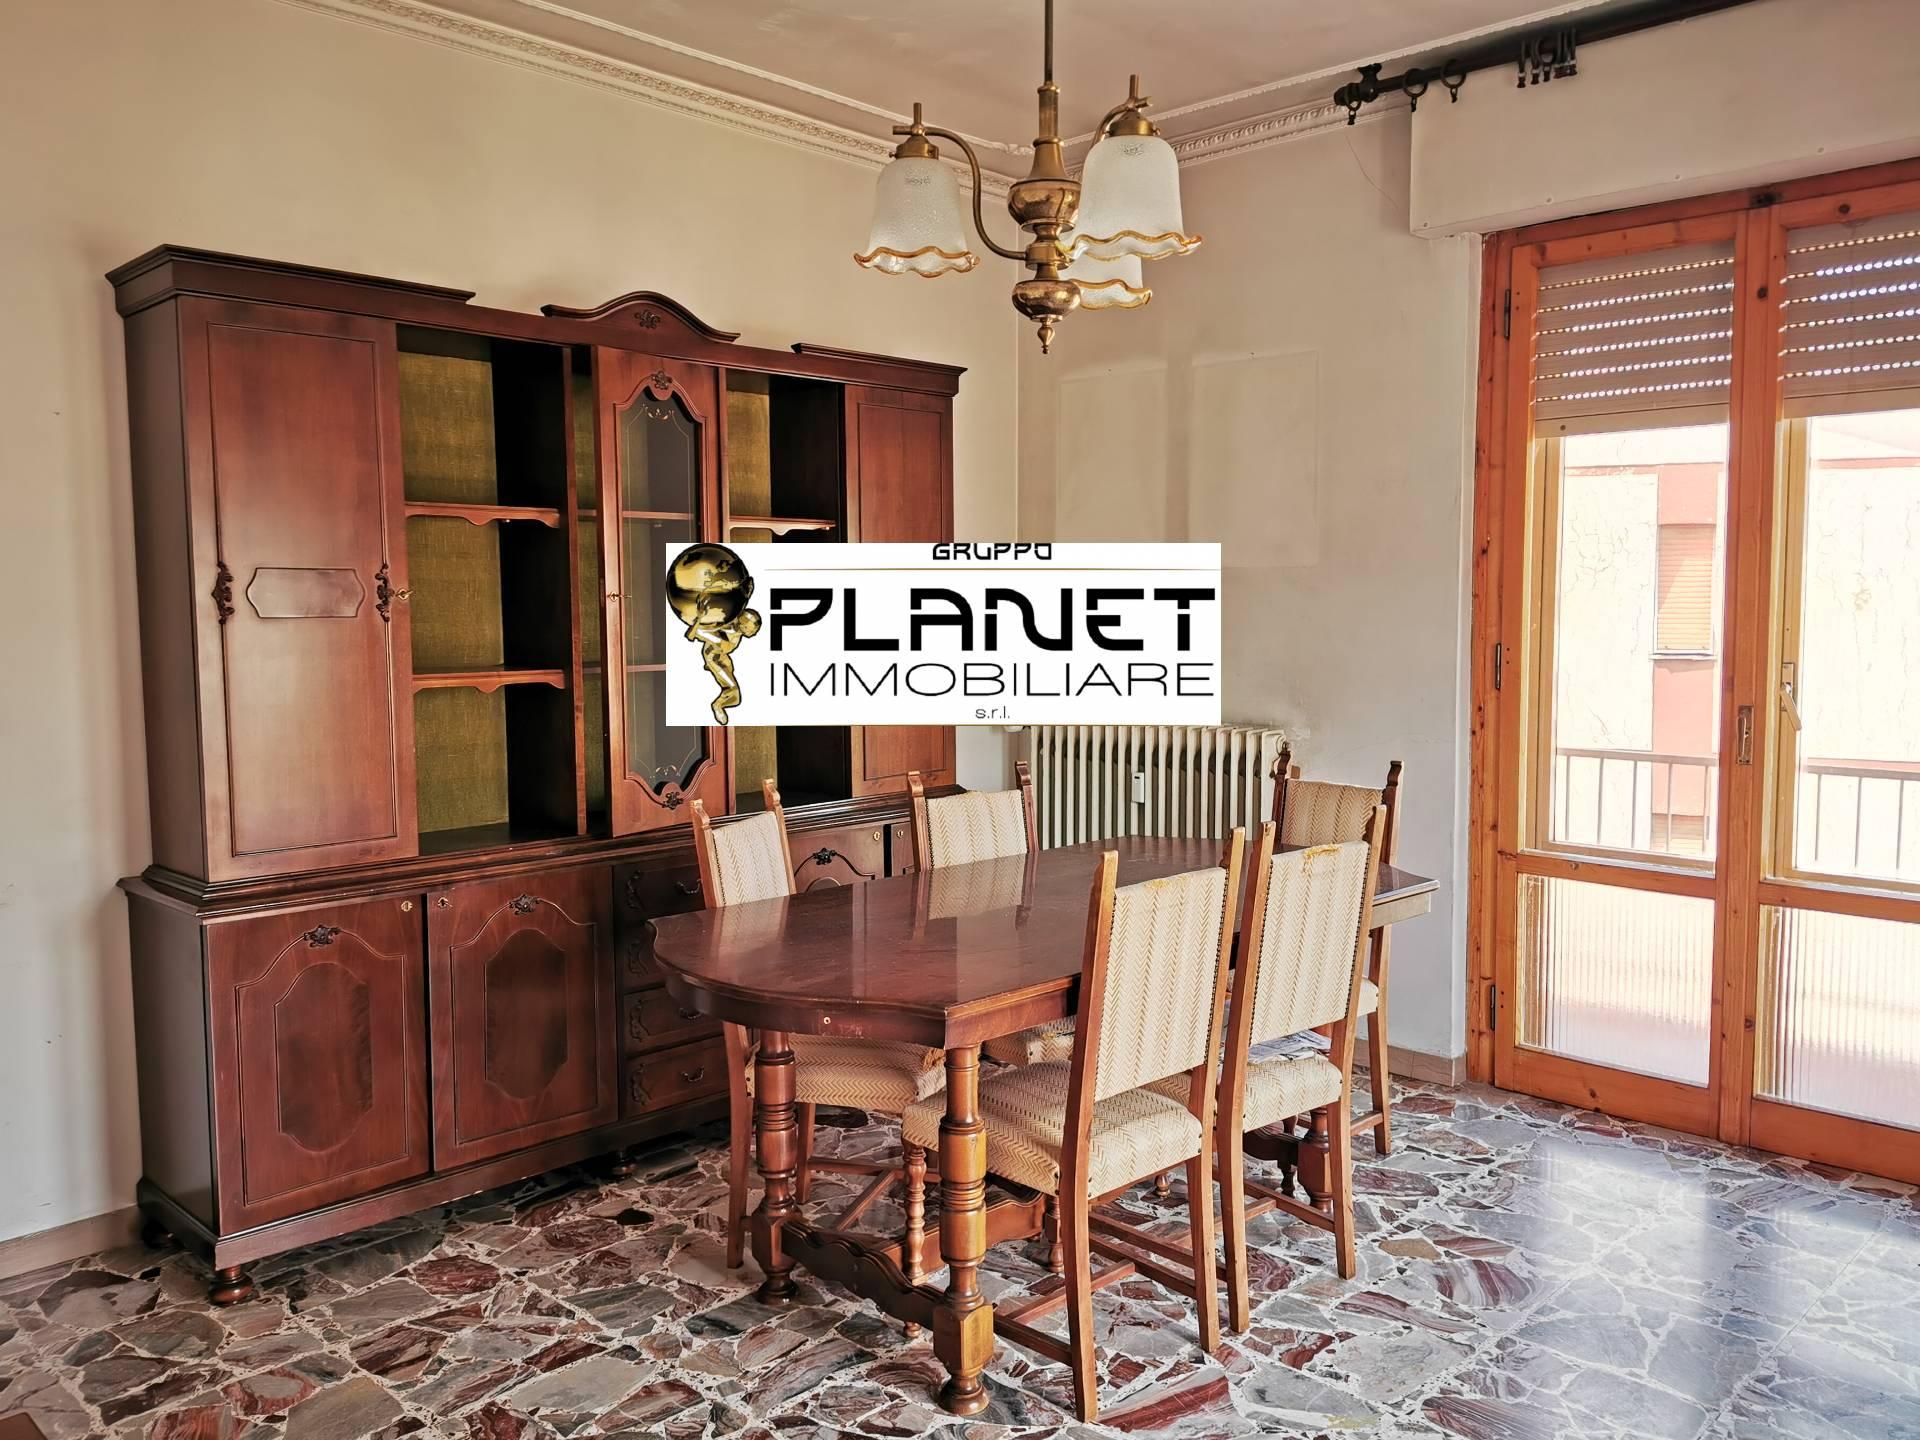 arezzo vendita quart: arezzo gruppo-planet-immobiliare-s.r.l.